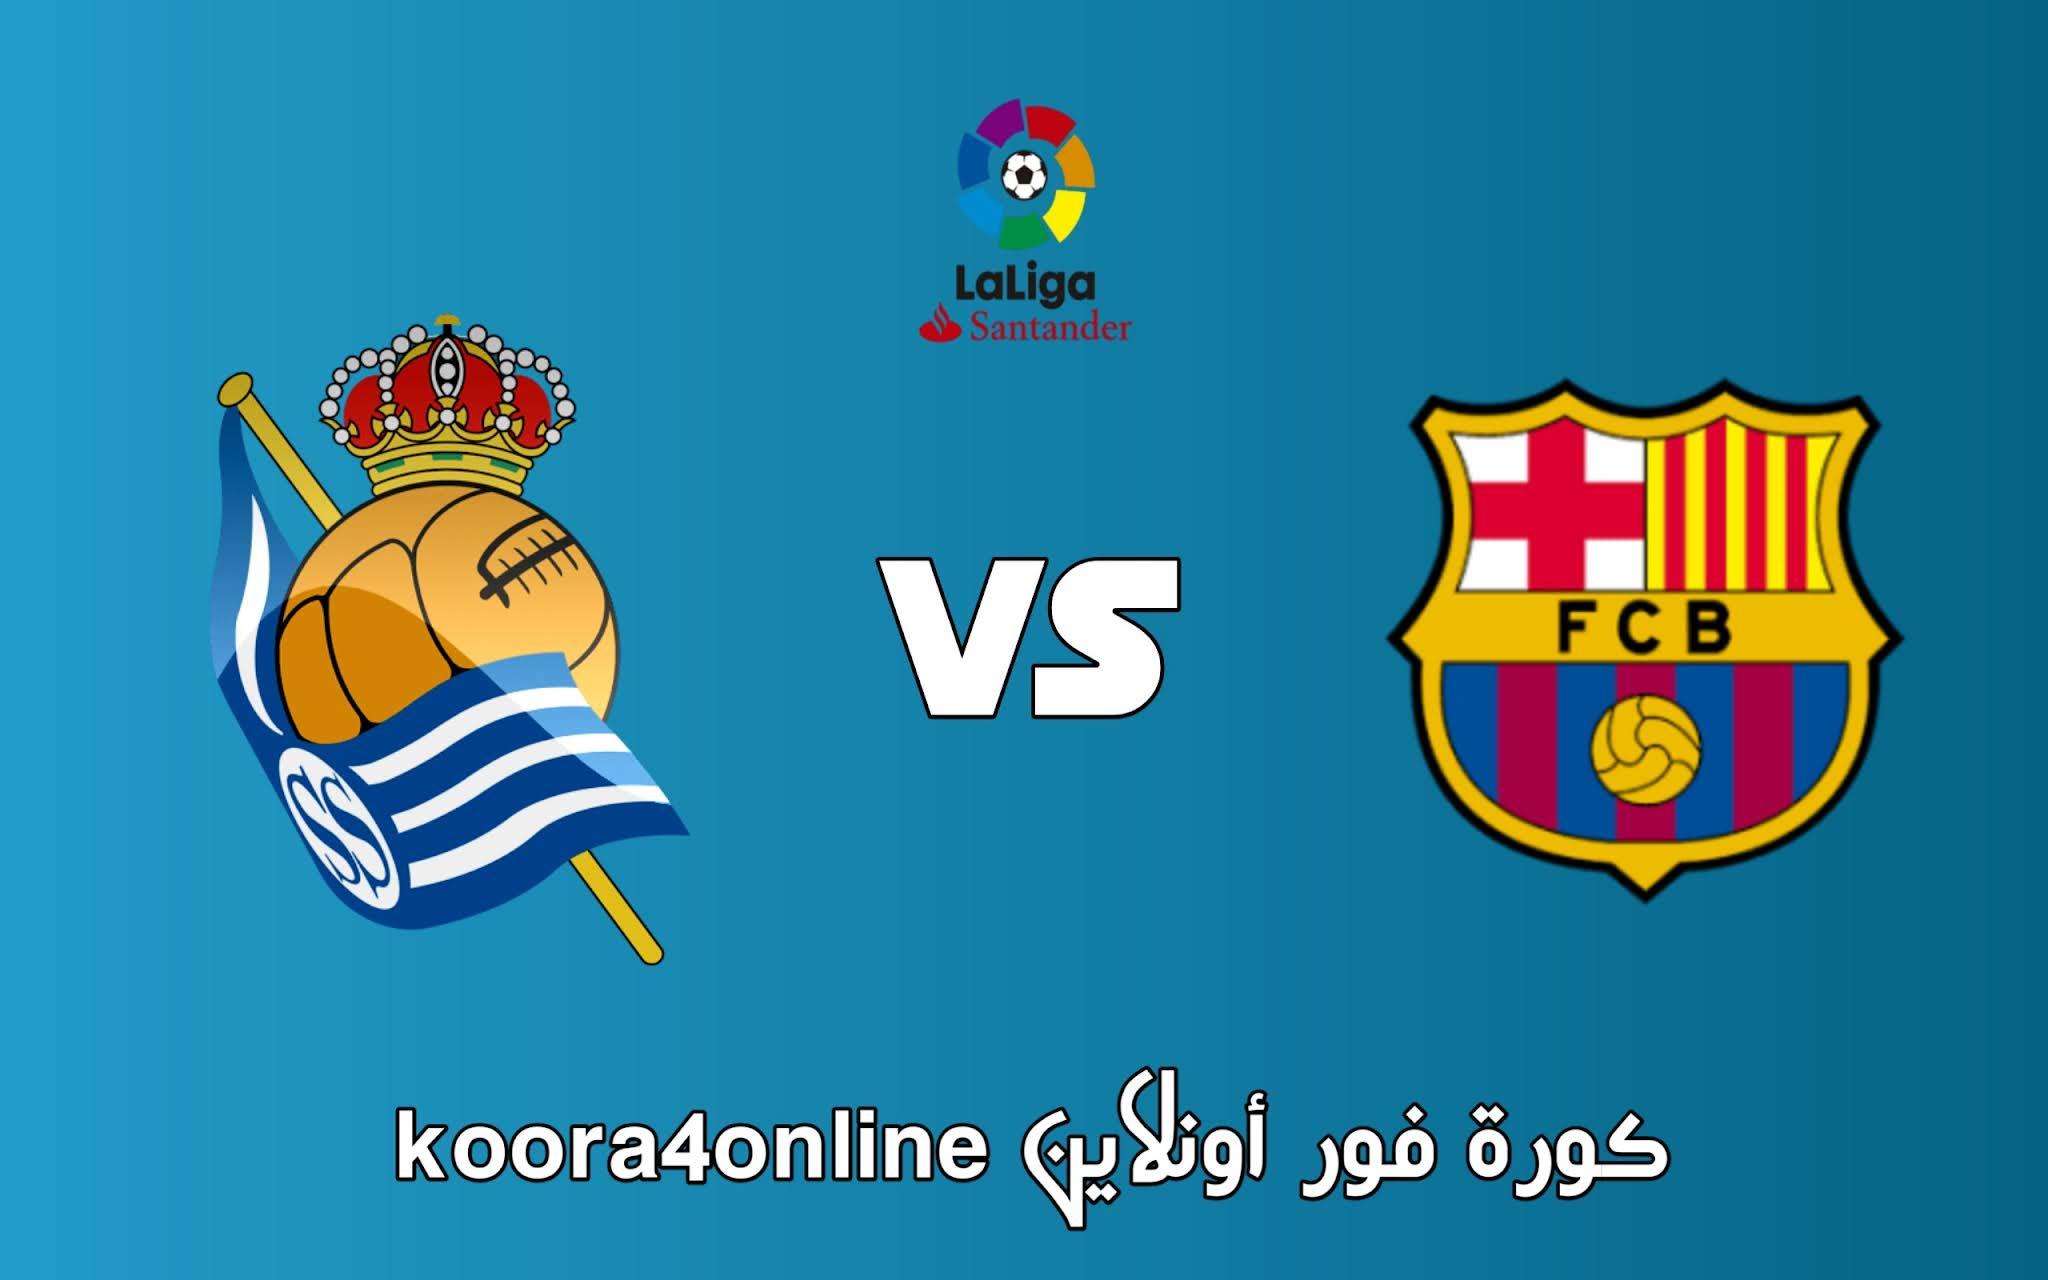 مشاهدة مباراة برشلونة و ريال سوسيداد اليوم 15-08-2021 في الدوري الإسباني